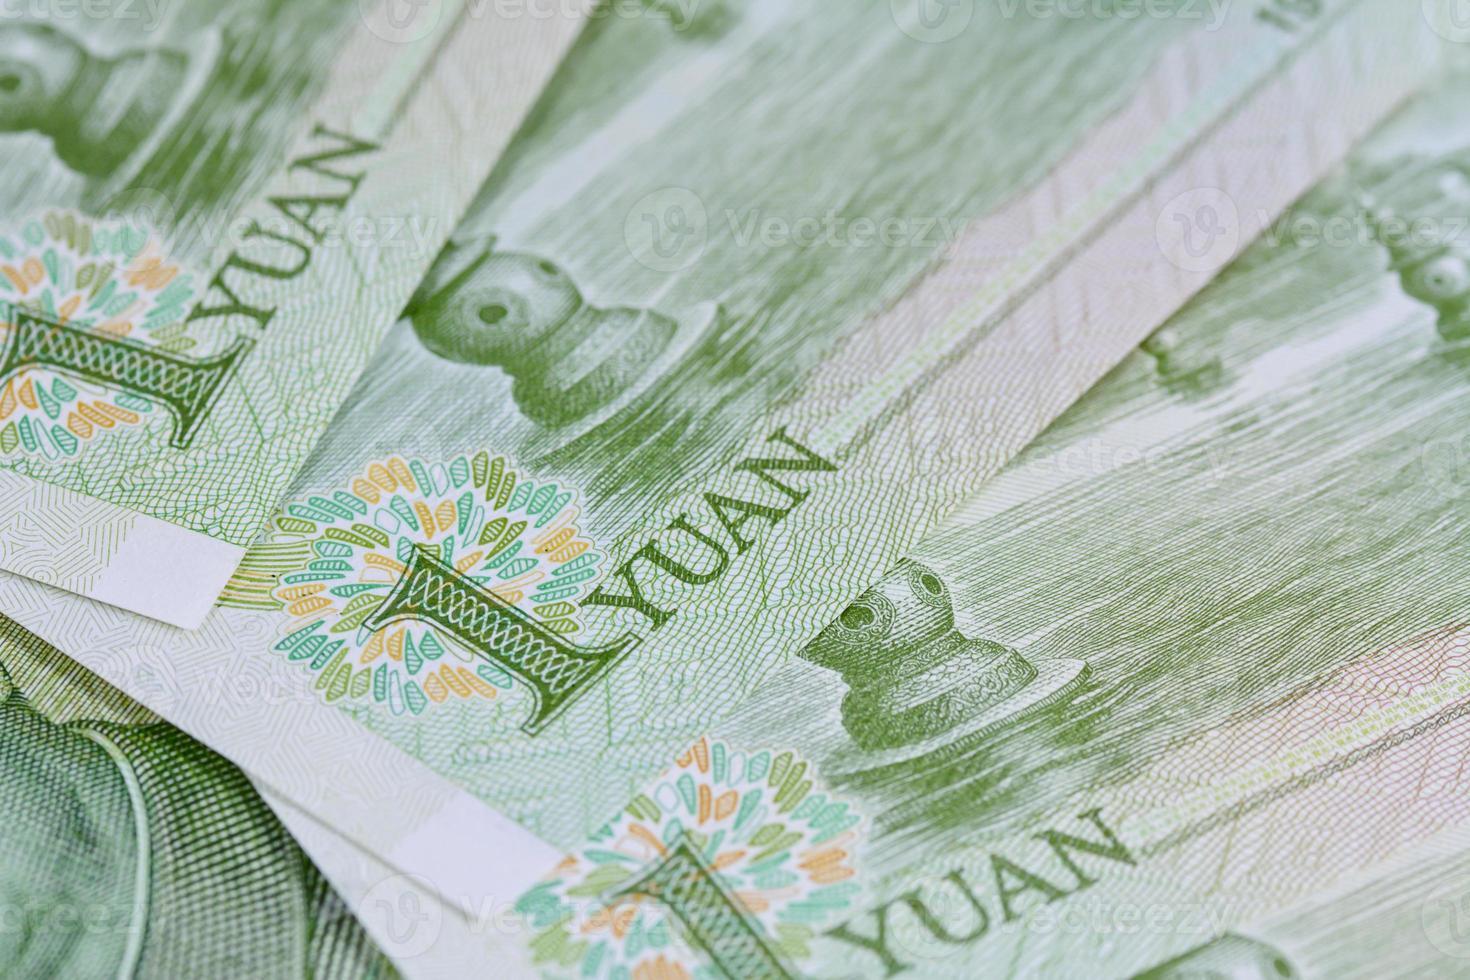 banconote yuan cinesi (renminbi) per conce di denaro e affari foto